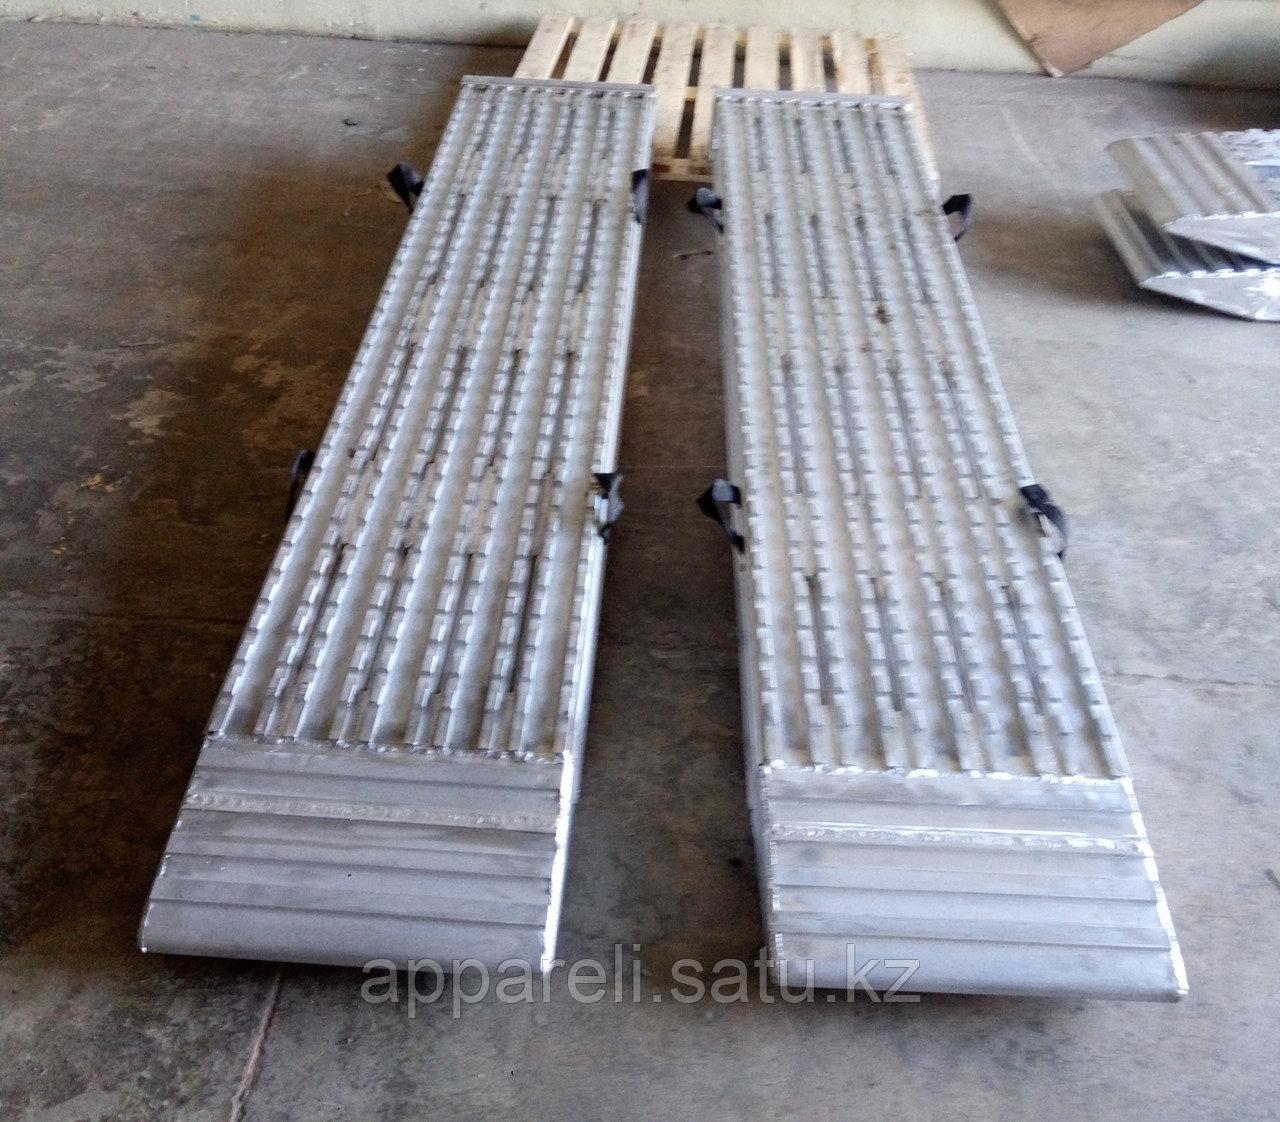 Алюминиевые аппарели 55 тонн.